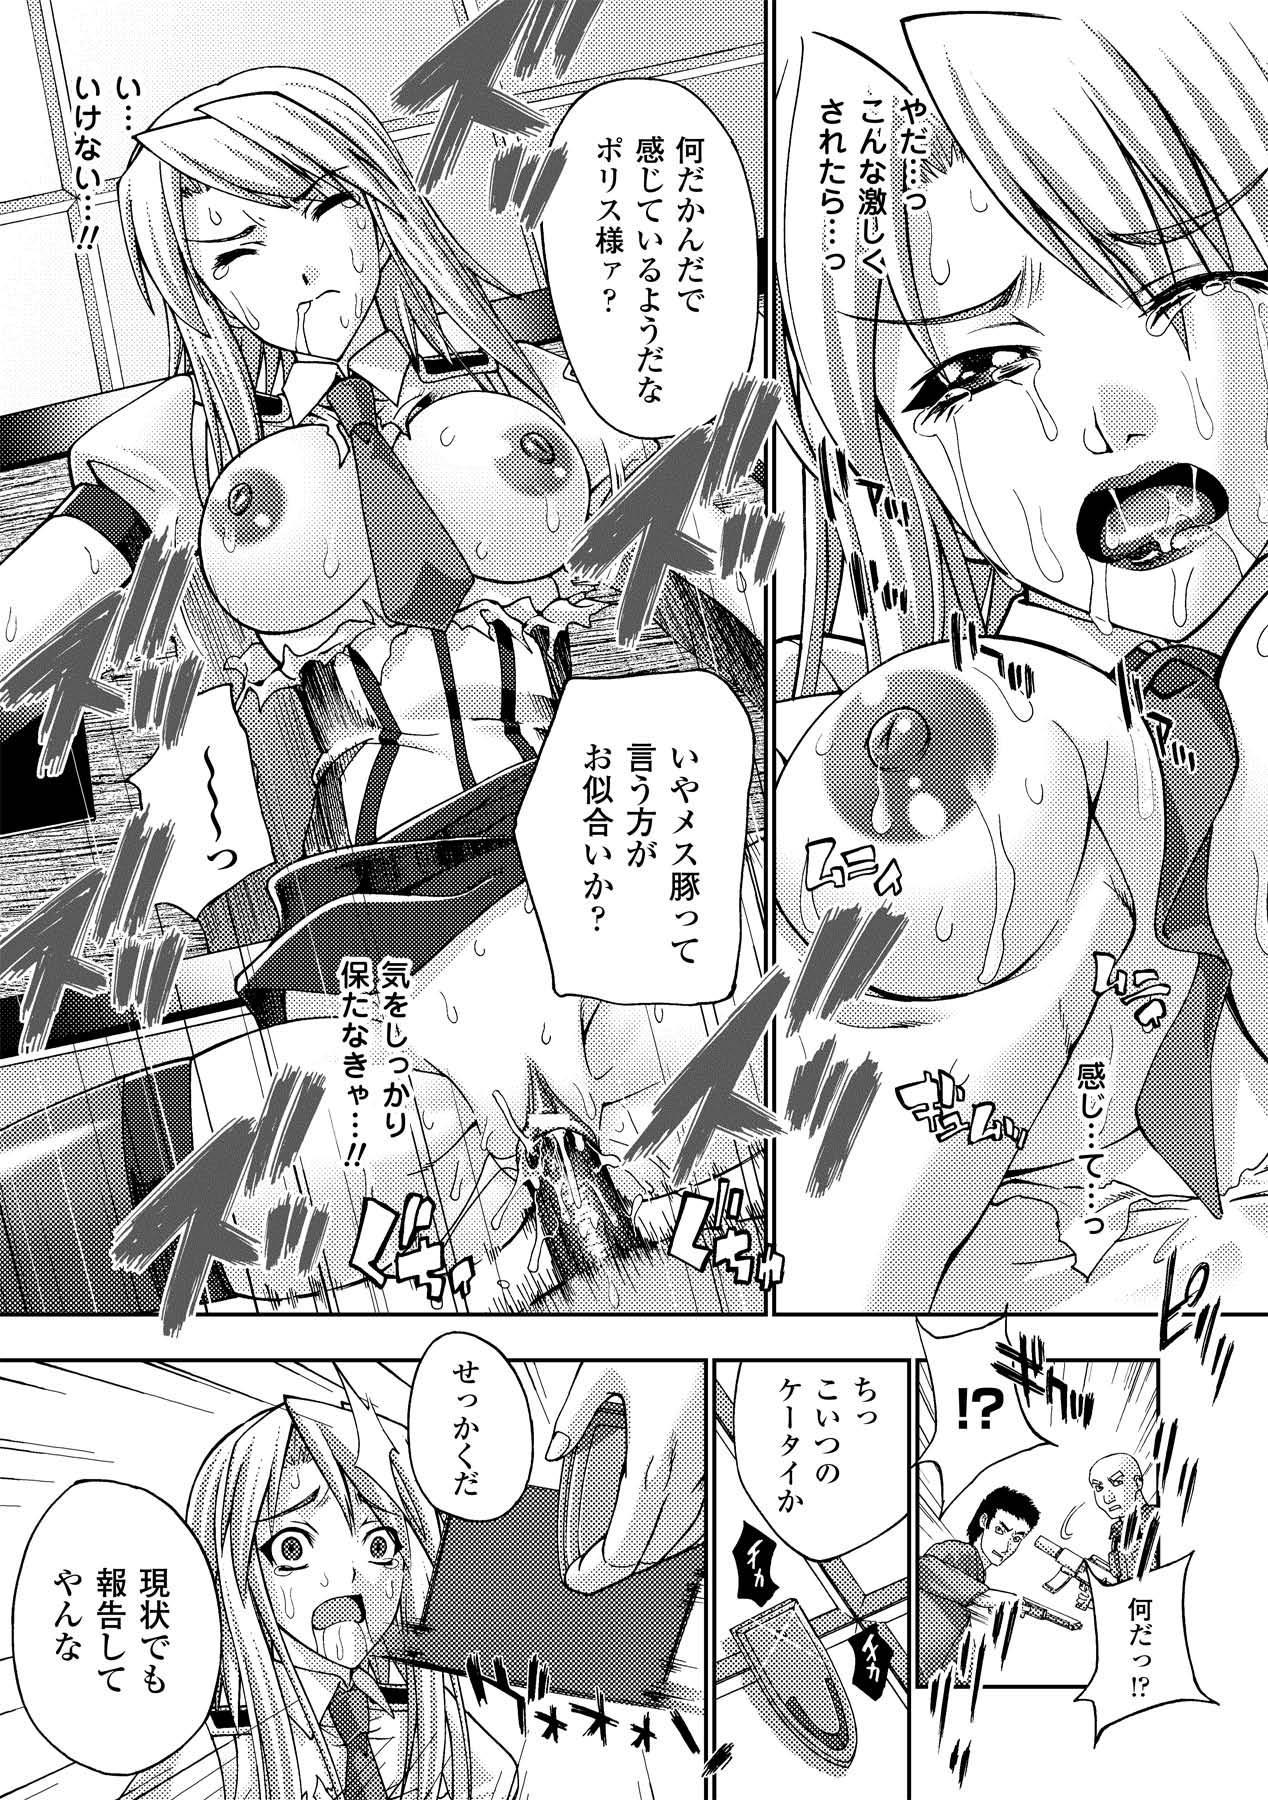 Ahegao Anthology Comics Vol. 2 11